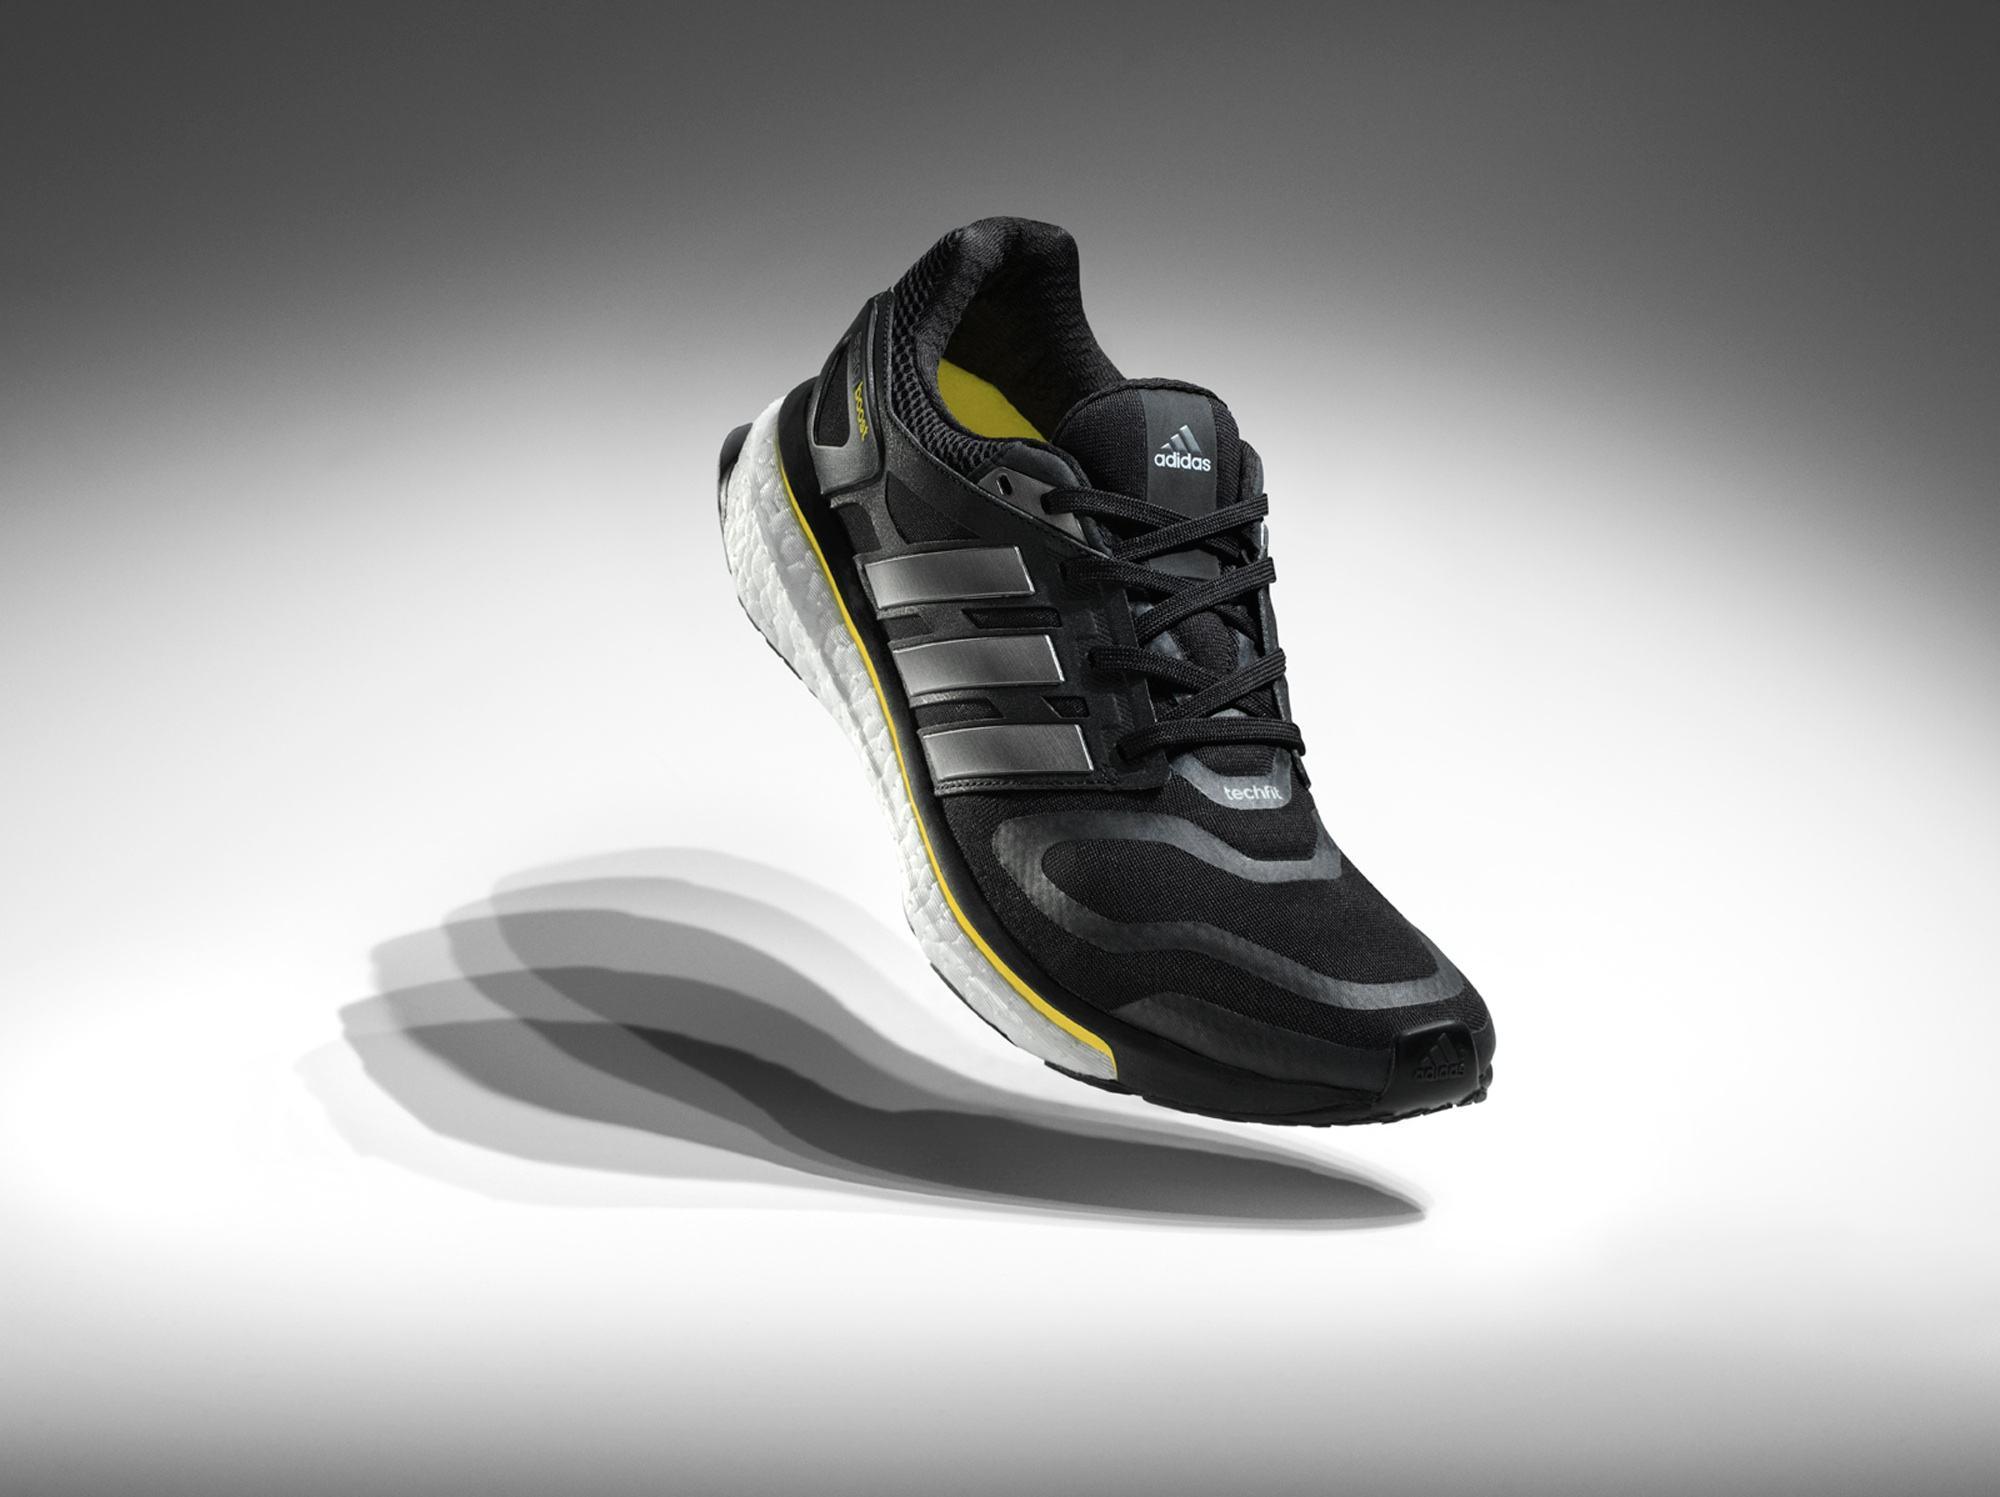 duracion zapatillas adidas boost